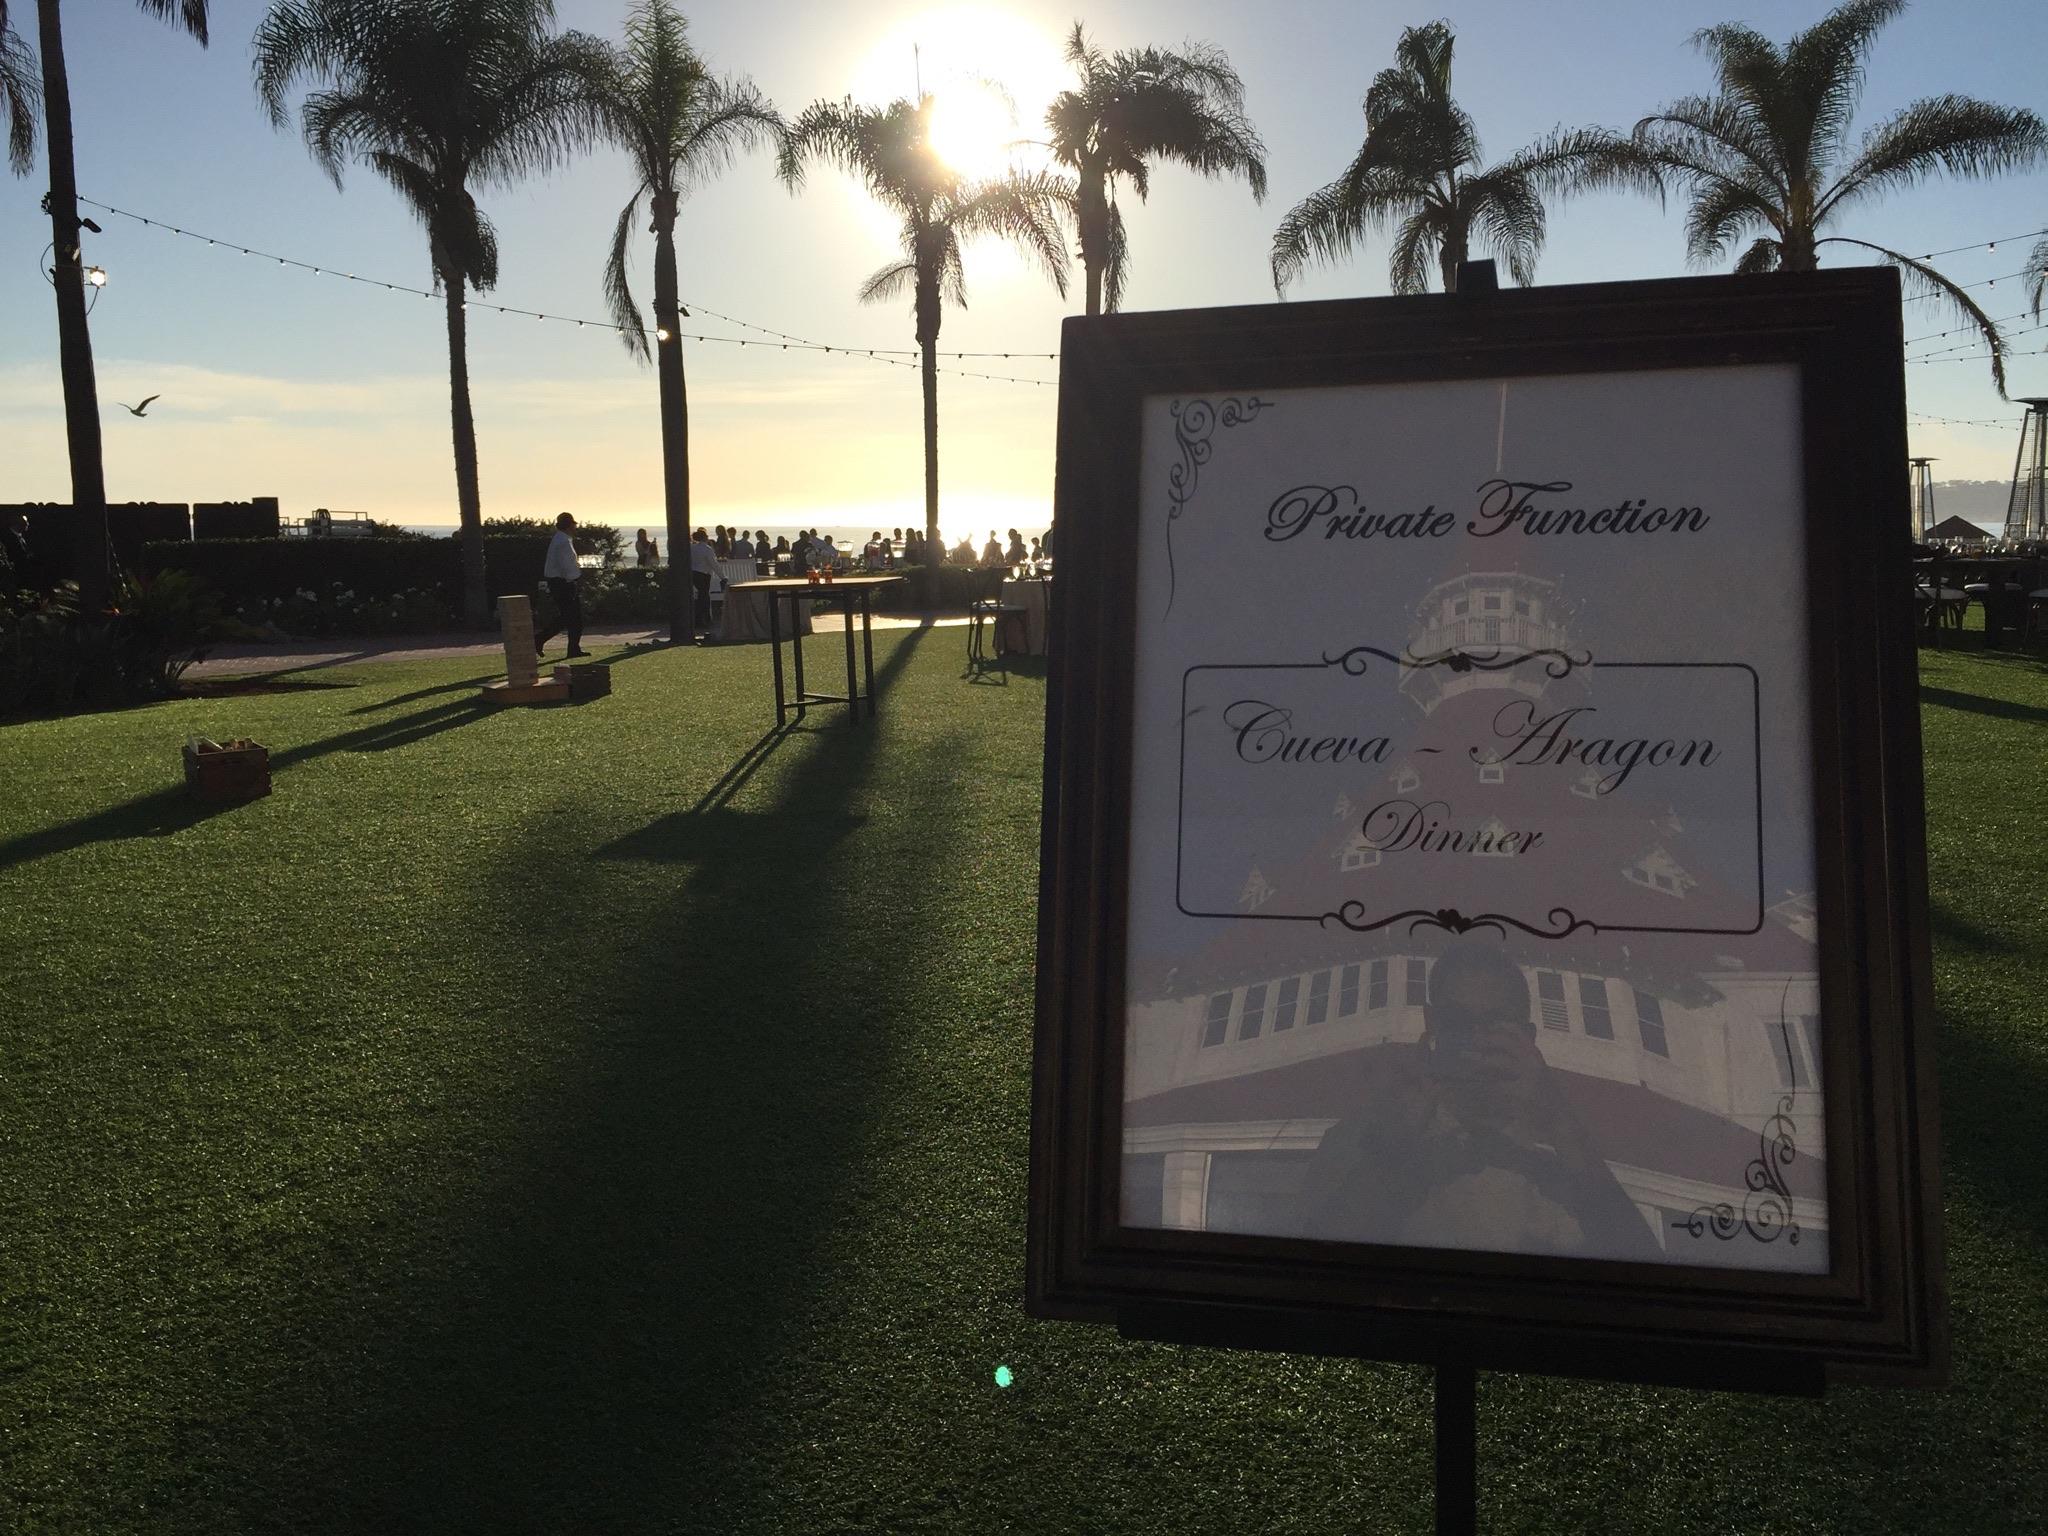 Hotel Del Coronado Windsor Lawn Wedding - DJ Justin Kanoya